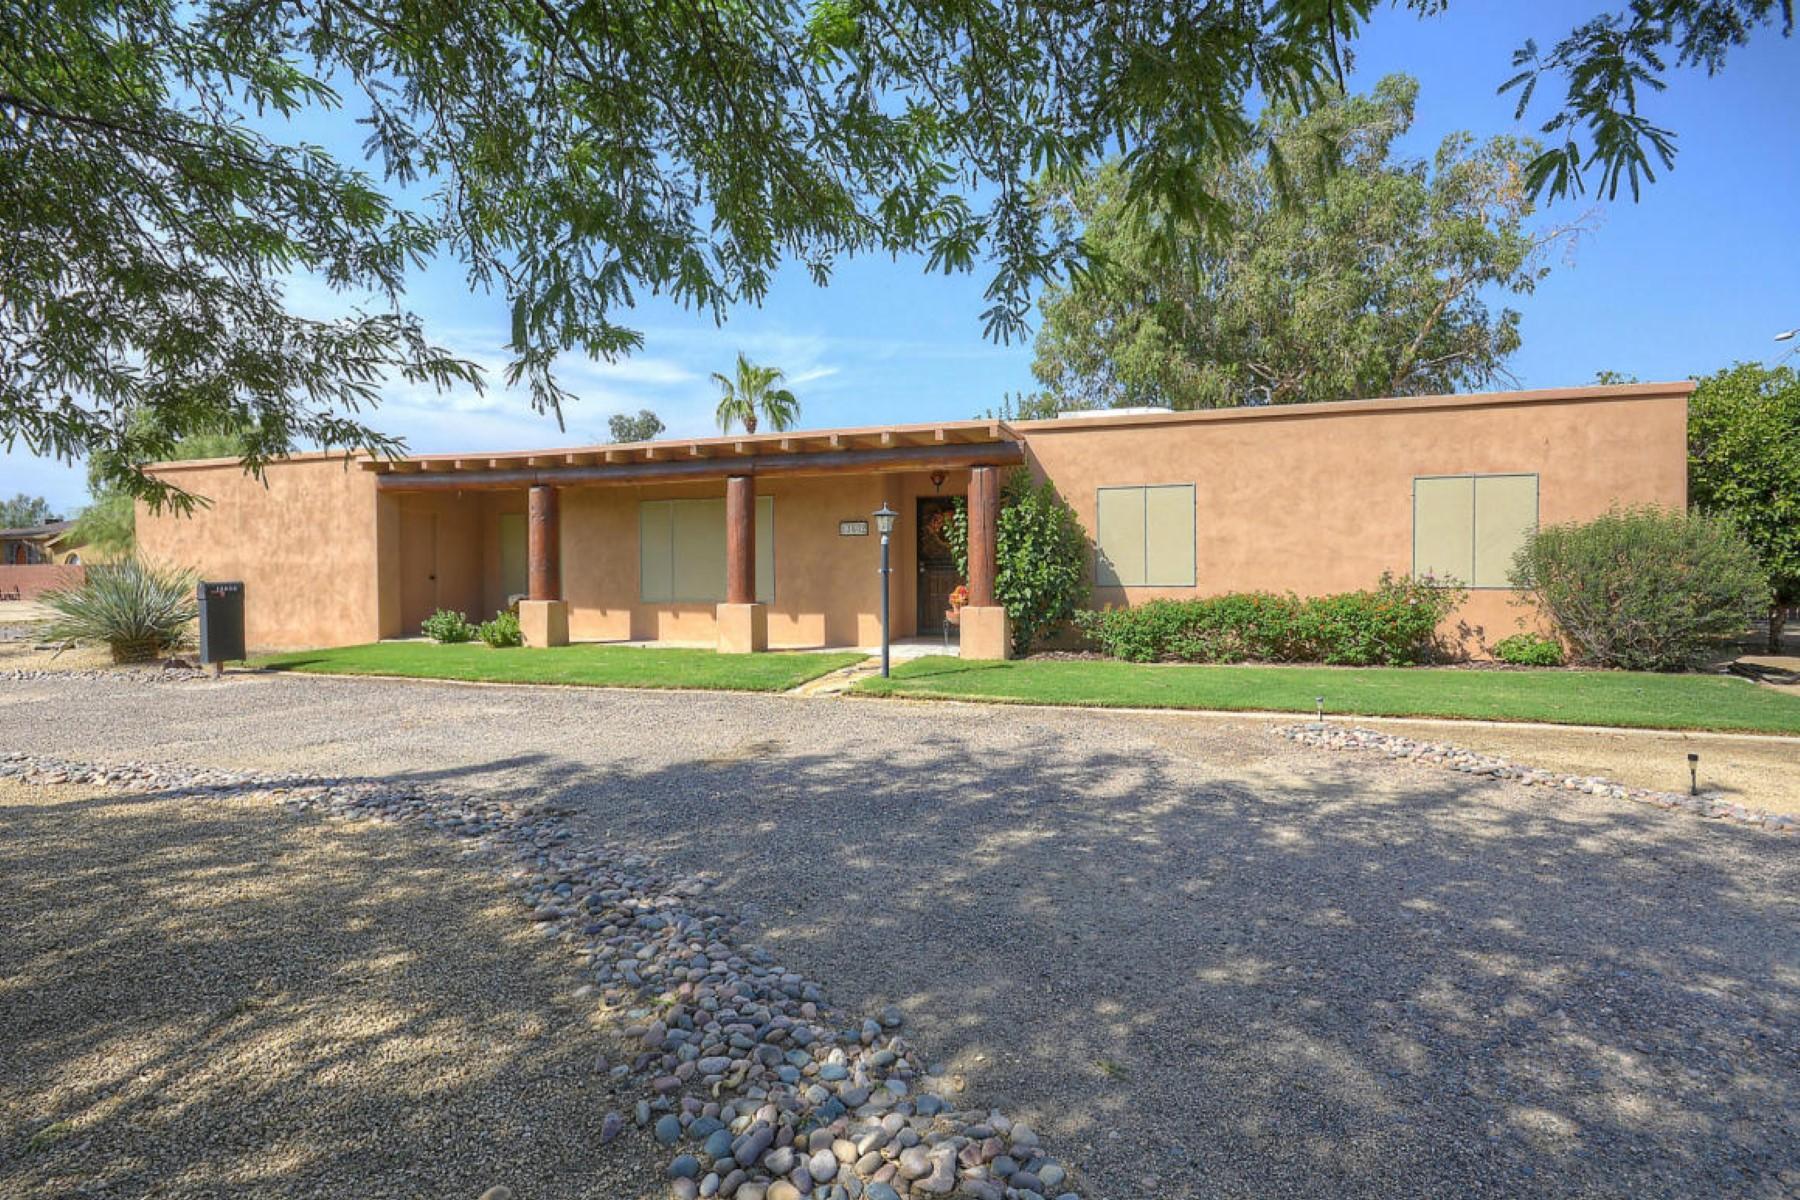 独户住宅 为 销售 在 Charming, intimate and unique describes this home 13602 N Hayden Rd 斯科茨代尔, 亚利桑那州, 85260 美国